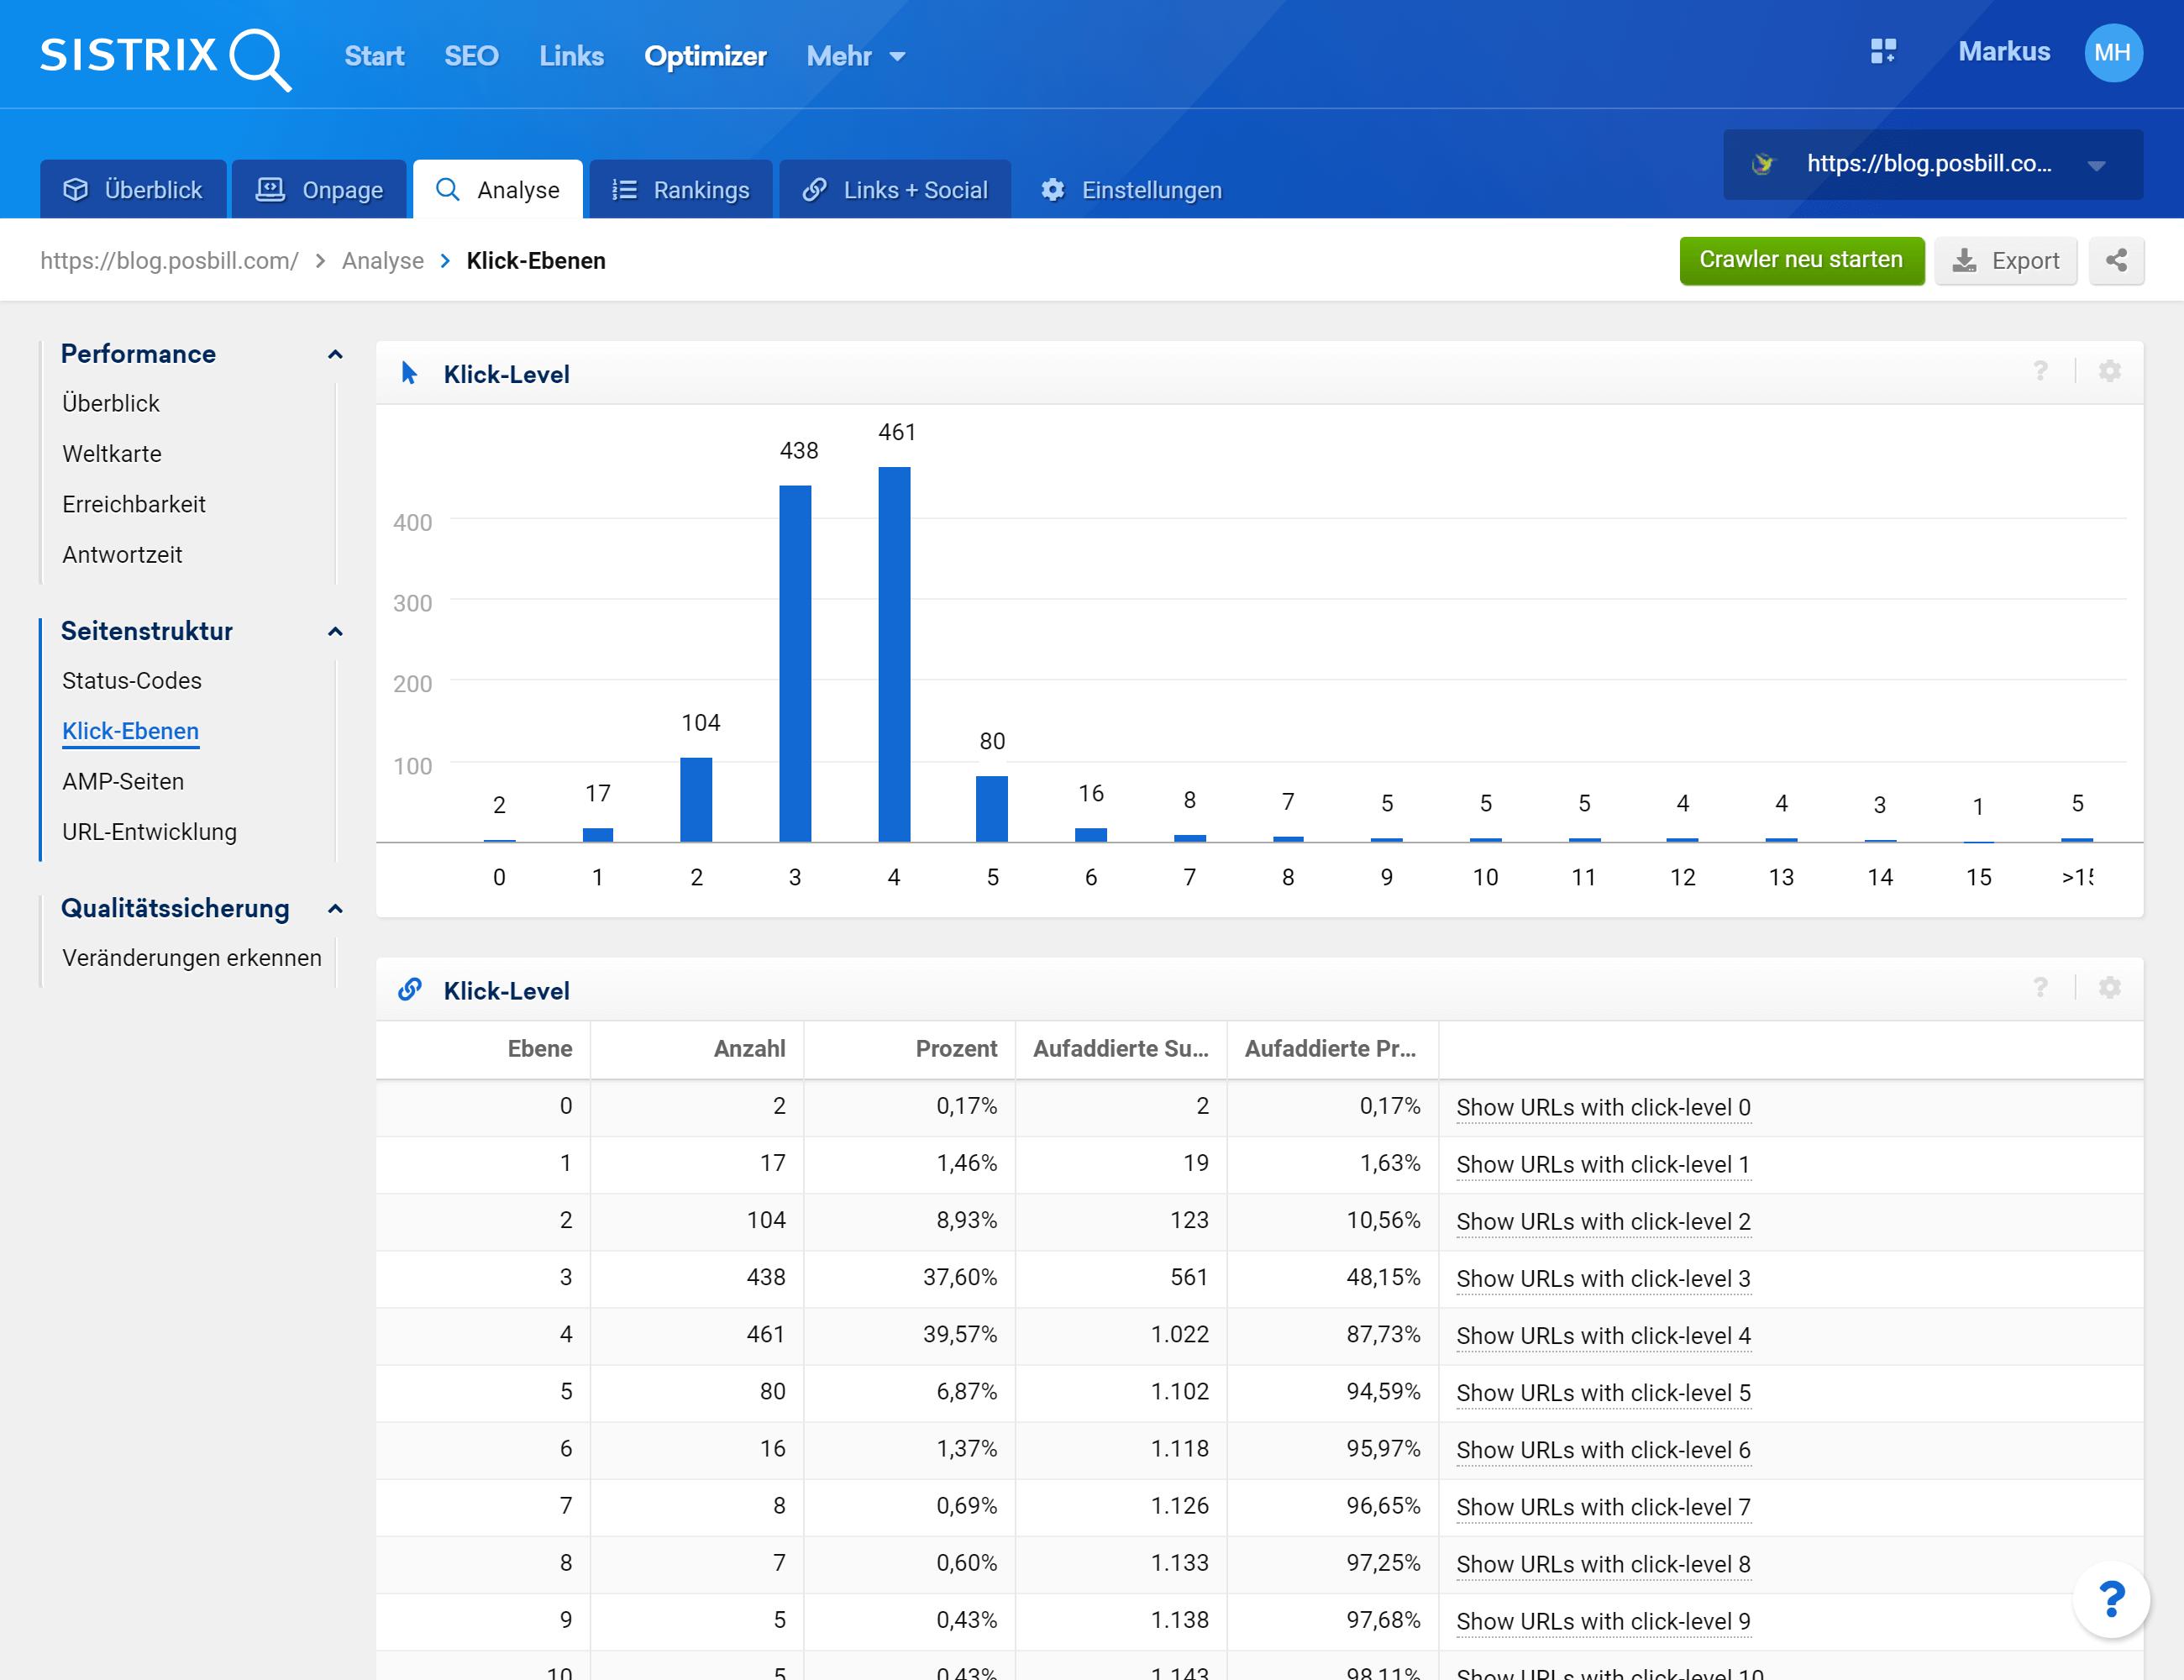 """Auch das geht am besten mit einem Crawler, der die Klicktiefe aller Inhalte anzeigen kann. Mit dem SISTRIX Optimizer kann man sich über die Analyse der """"Klick-Ebenen"""" die jeweiligen Klicktiefen anzeigen lassen"""